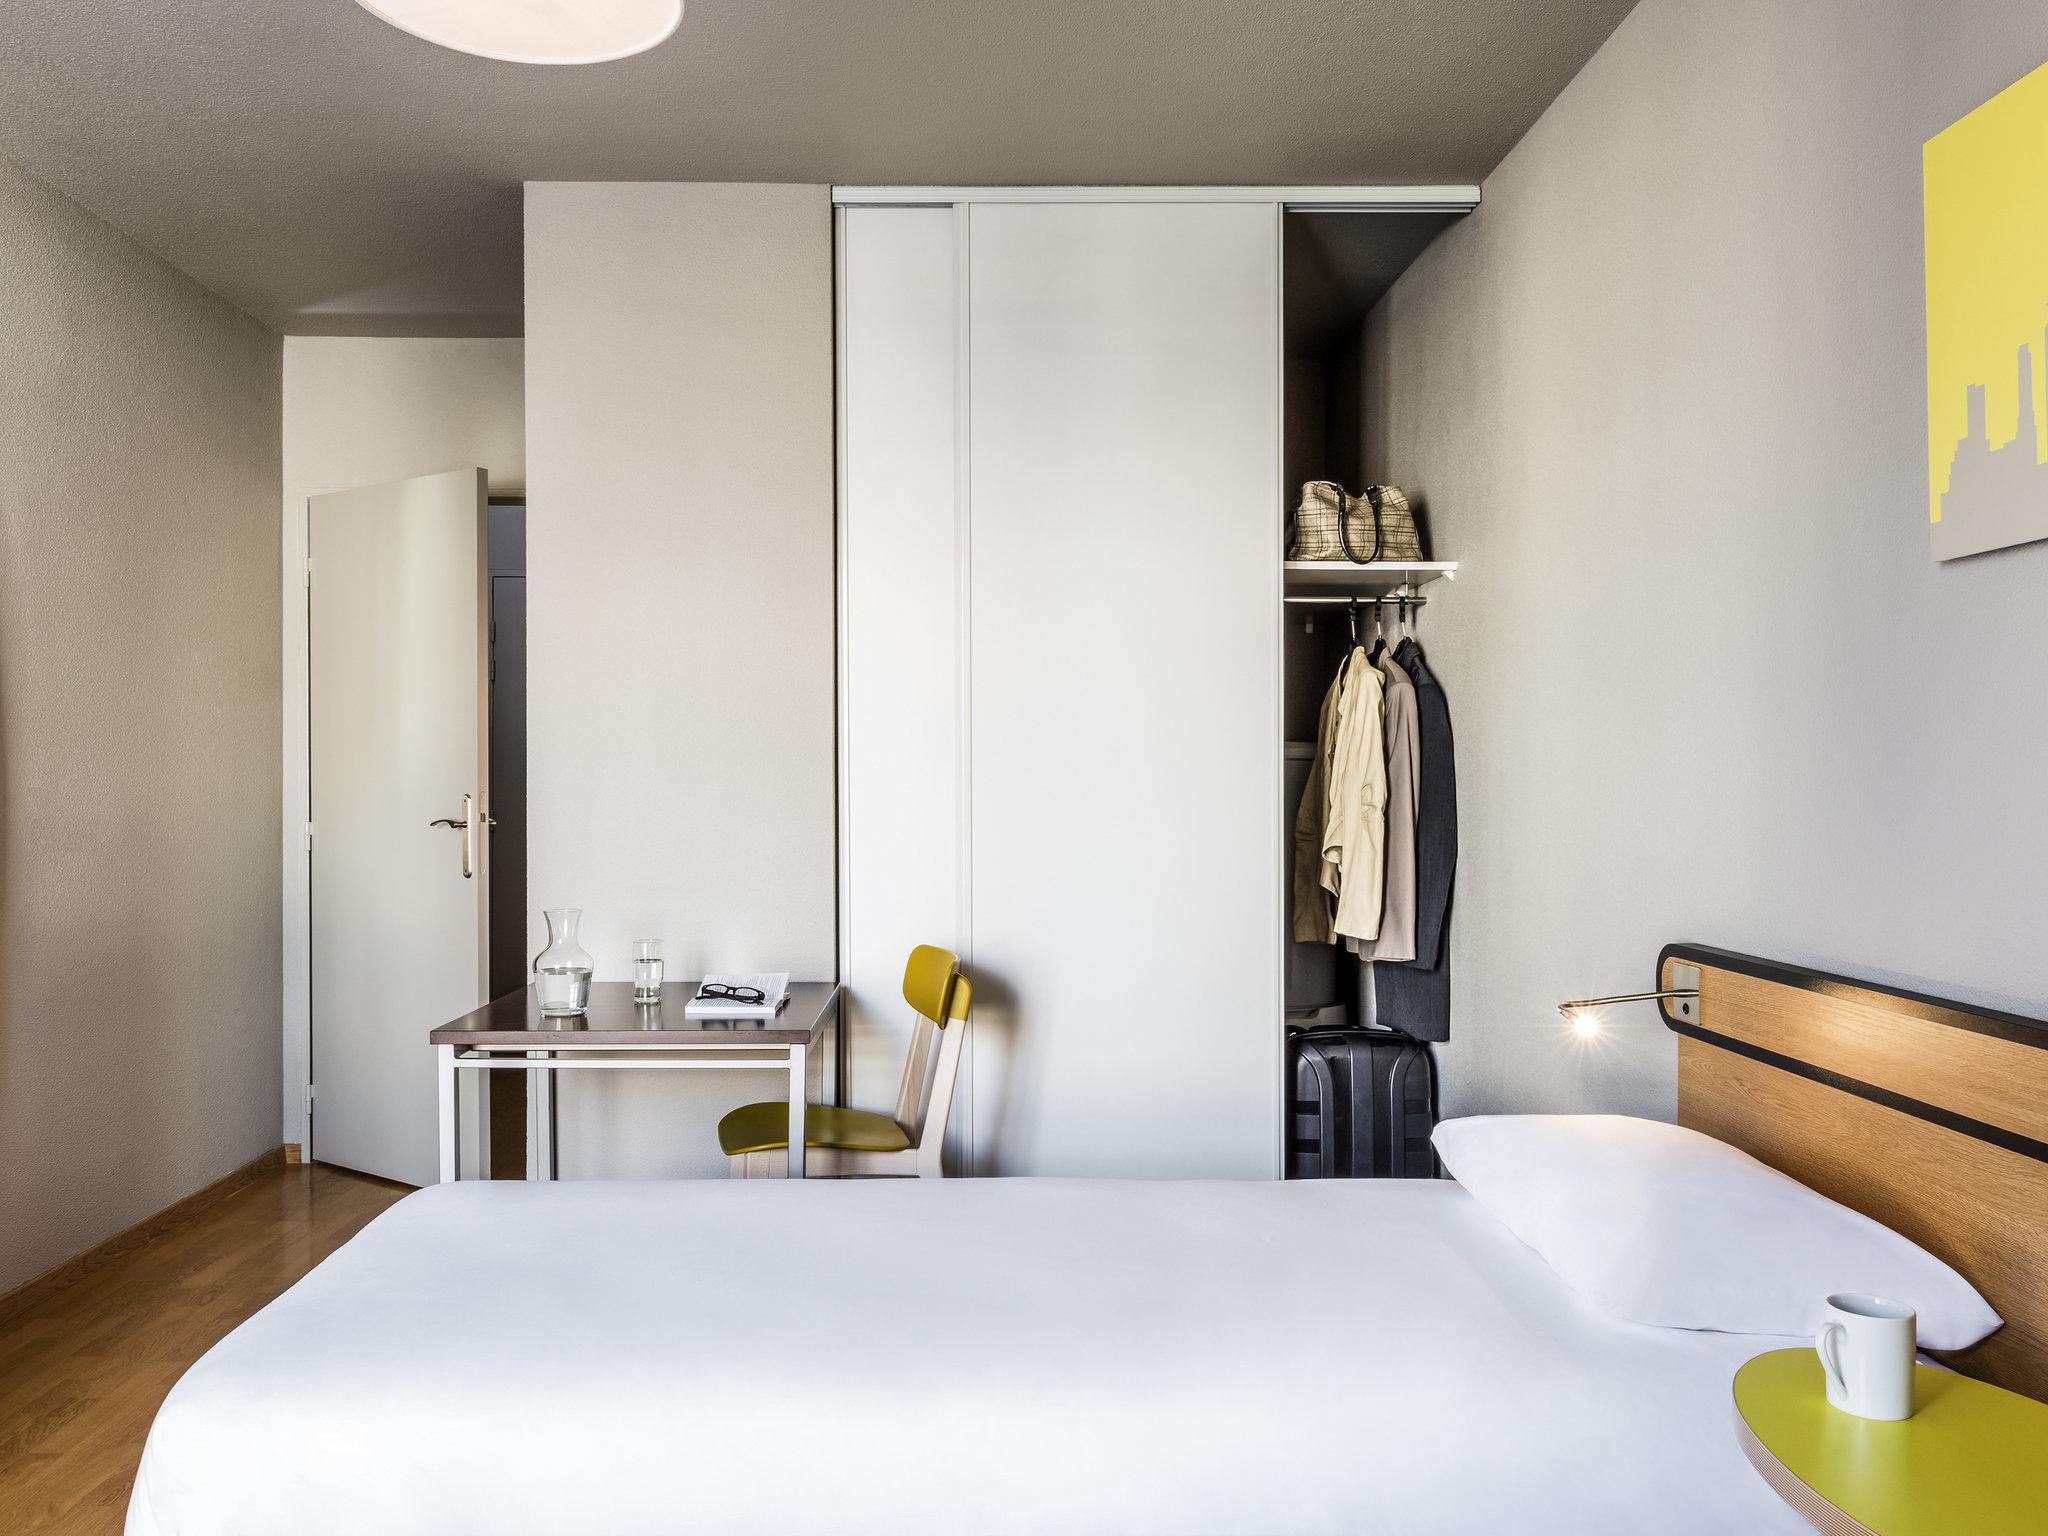 Отель — Апарт-отель Adagio access Ванв Порт-де-Шатийон